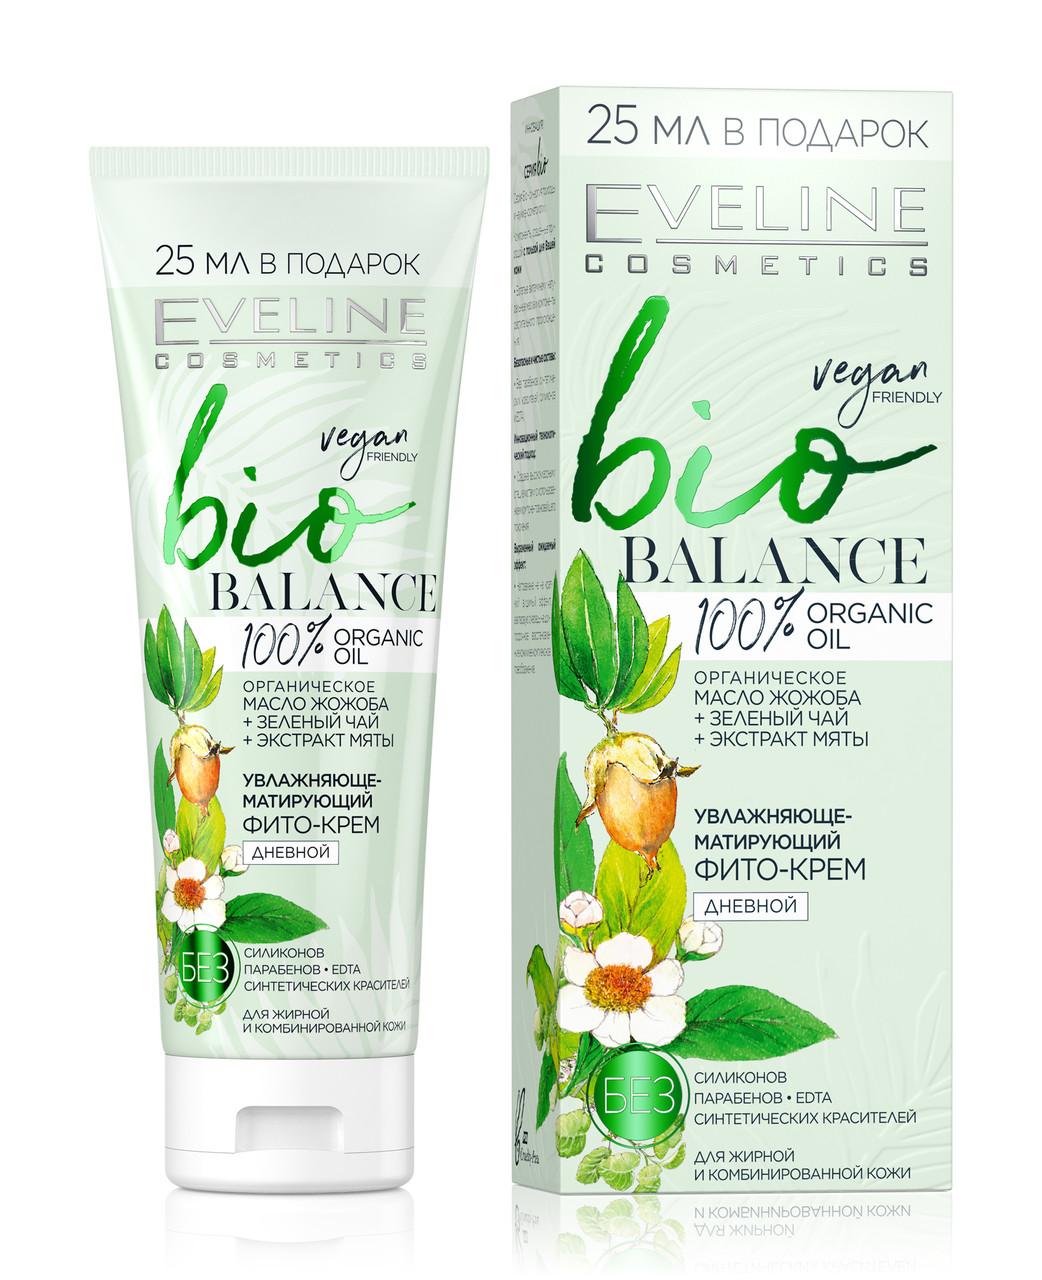 Крем фито увлажняюще матирующий для лица день «bio Balance», Eveline Cosmetics, 75 мл, Эвелин